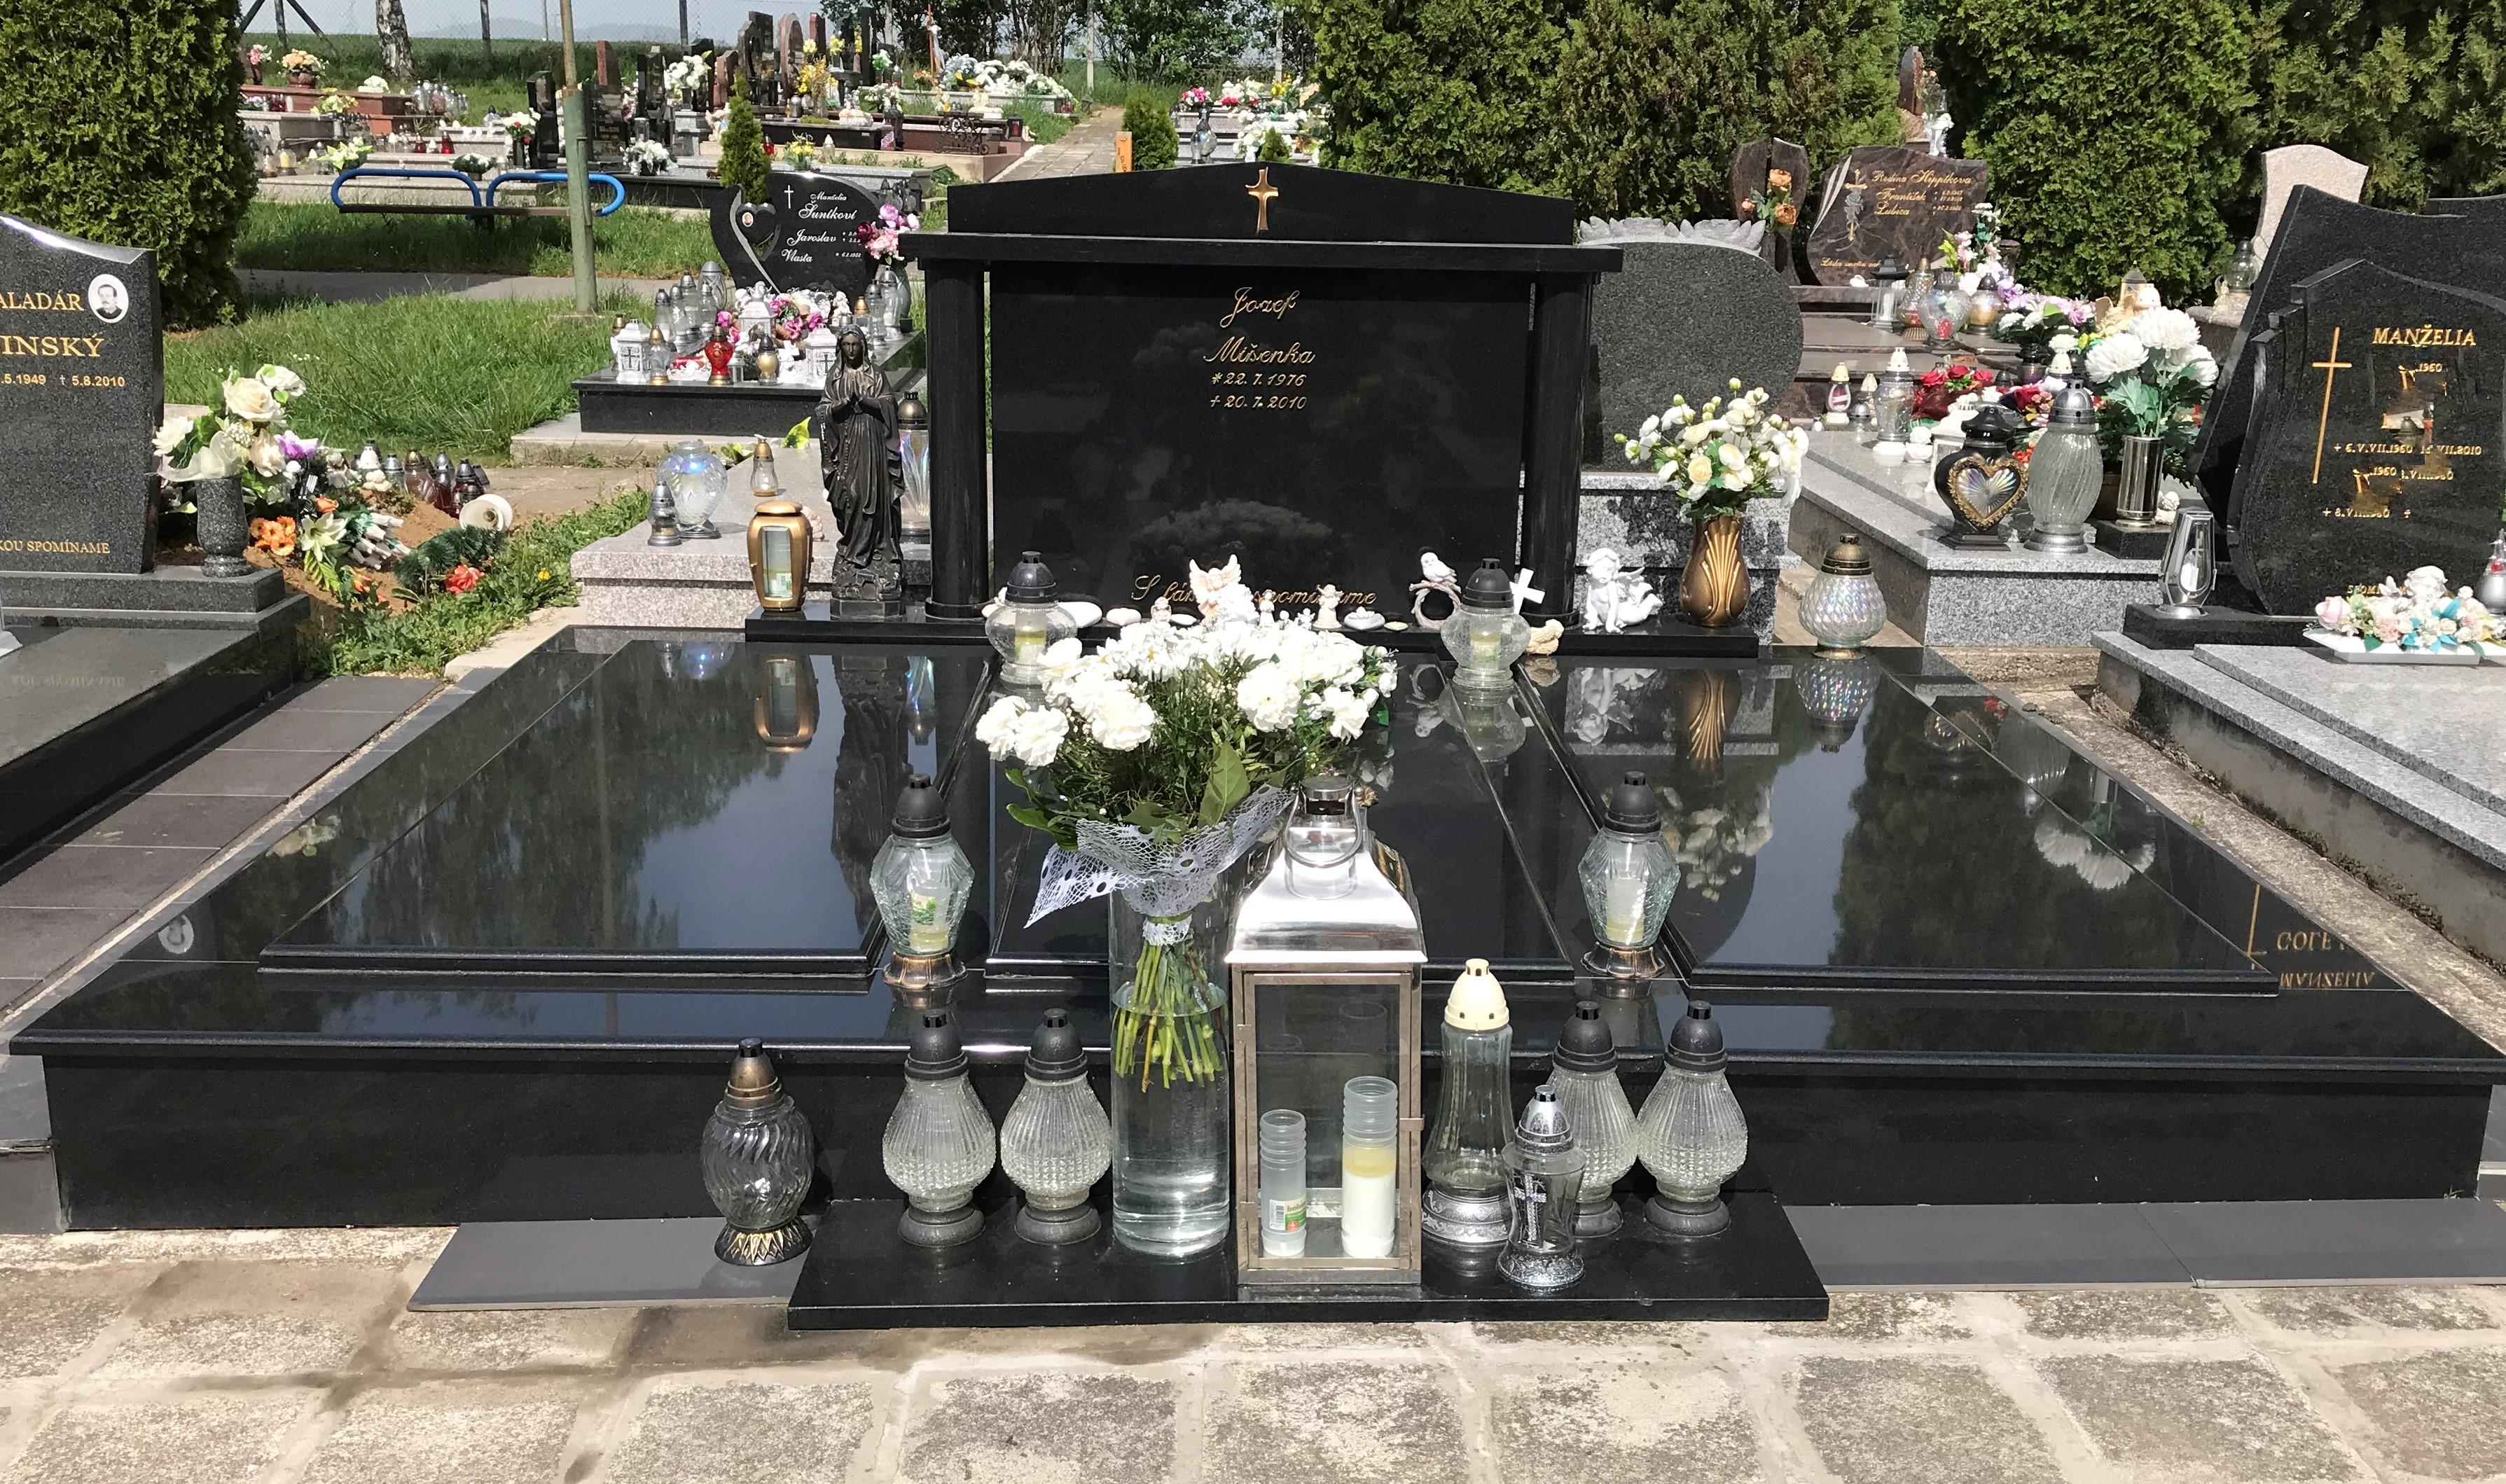 fffc5932d Zdroj: Archív O hrob Jozefa Mišenku sa jeho najbližší starajú naozaj vzorne.